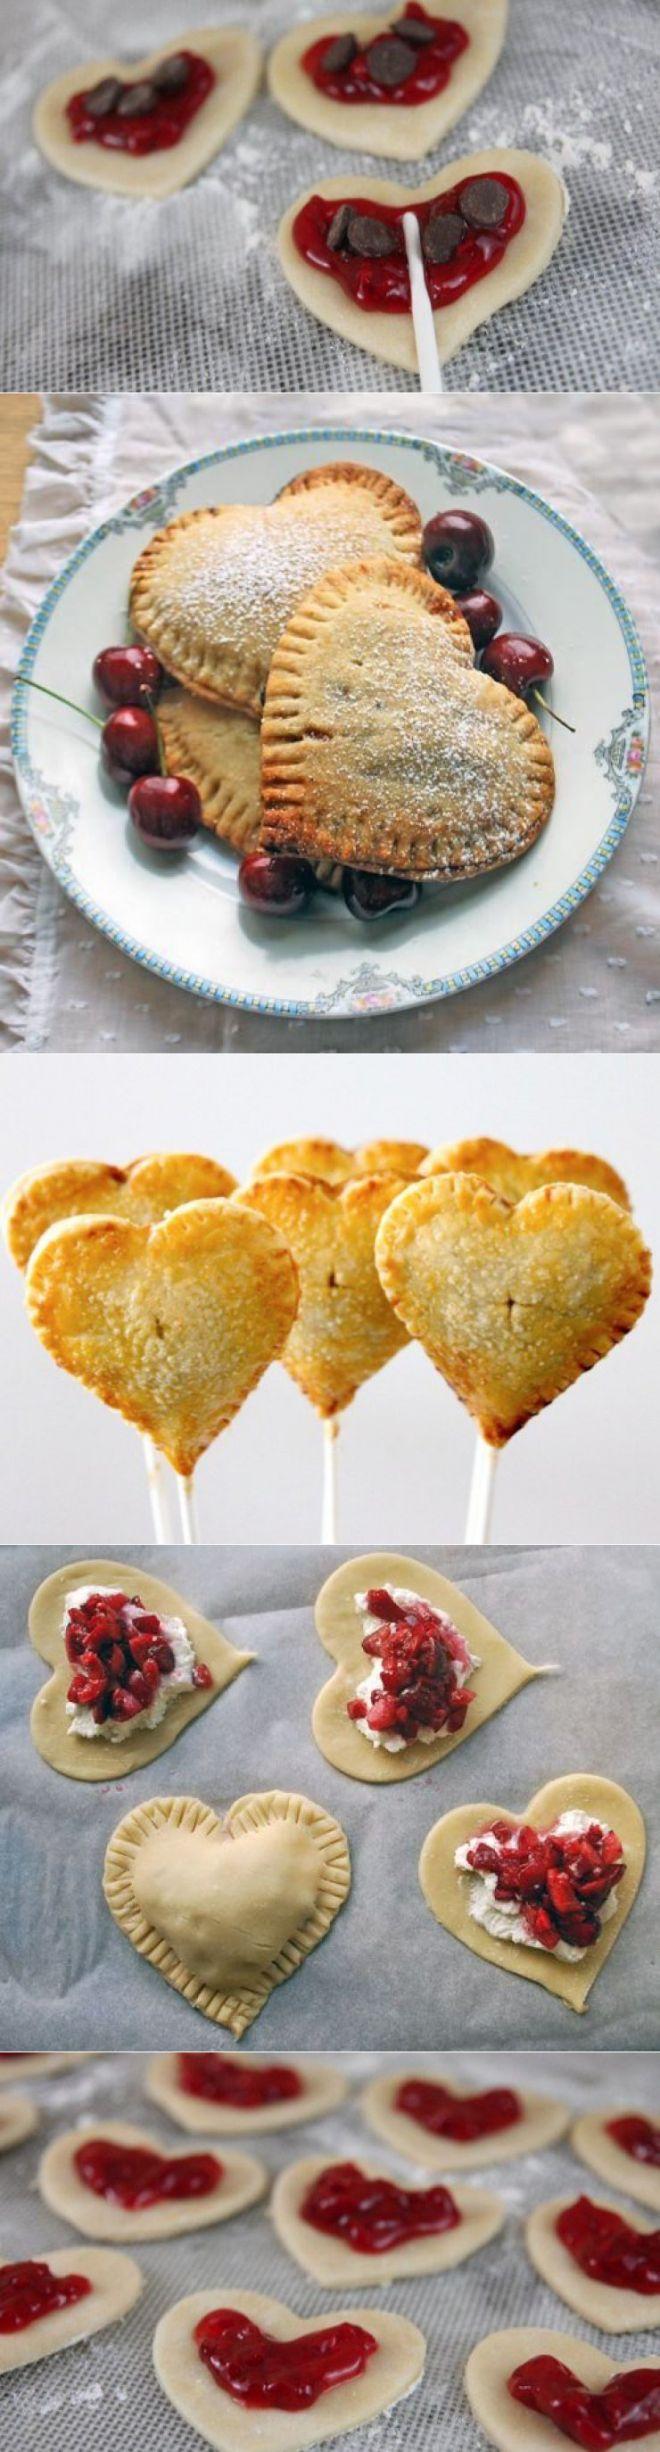 Как сделать пирожные на палочке «Сердечки» | I Love Hobby - Лучшие мастер-классы со всего мира!